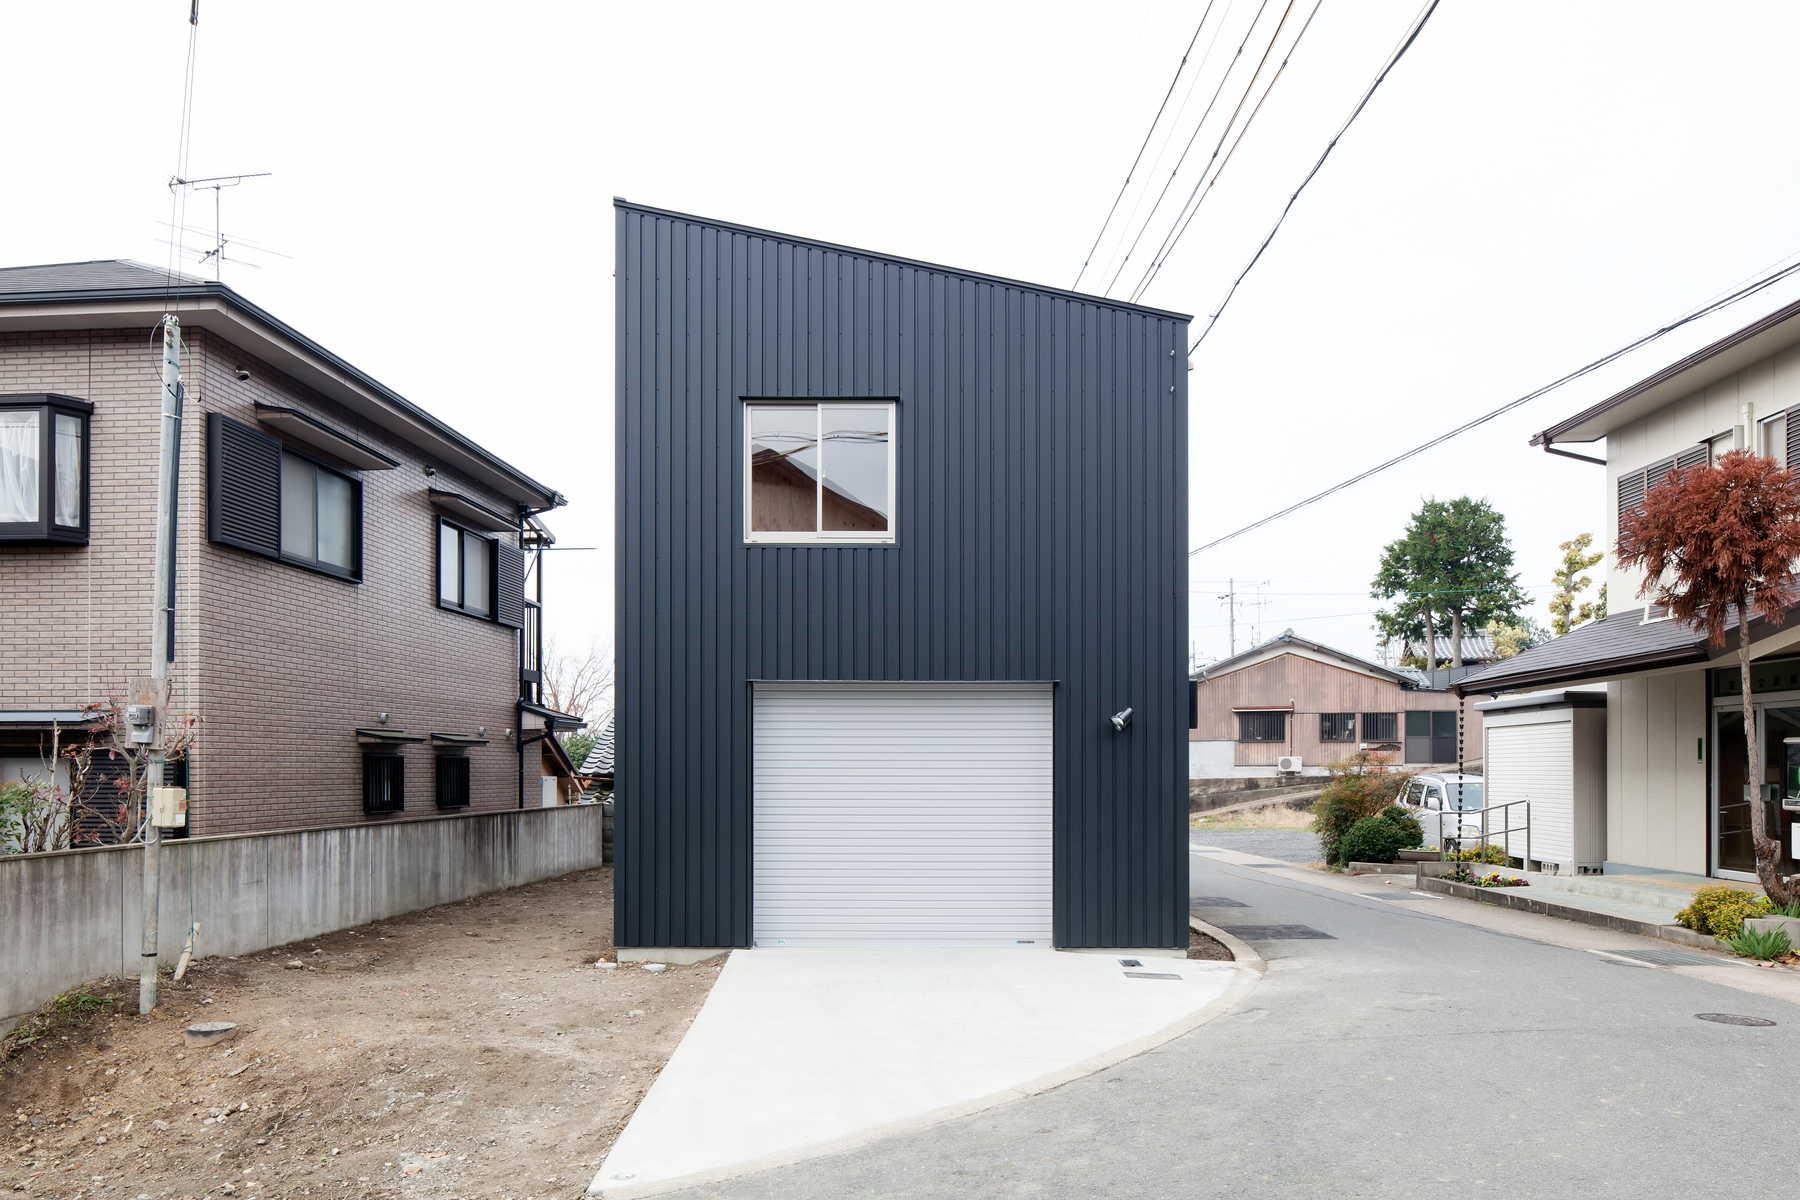 団地の家|ガレージの上に団地の間取りを載せた最小限住宅